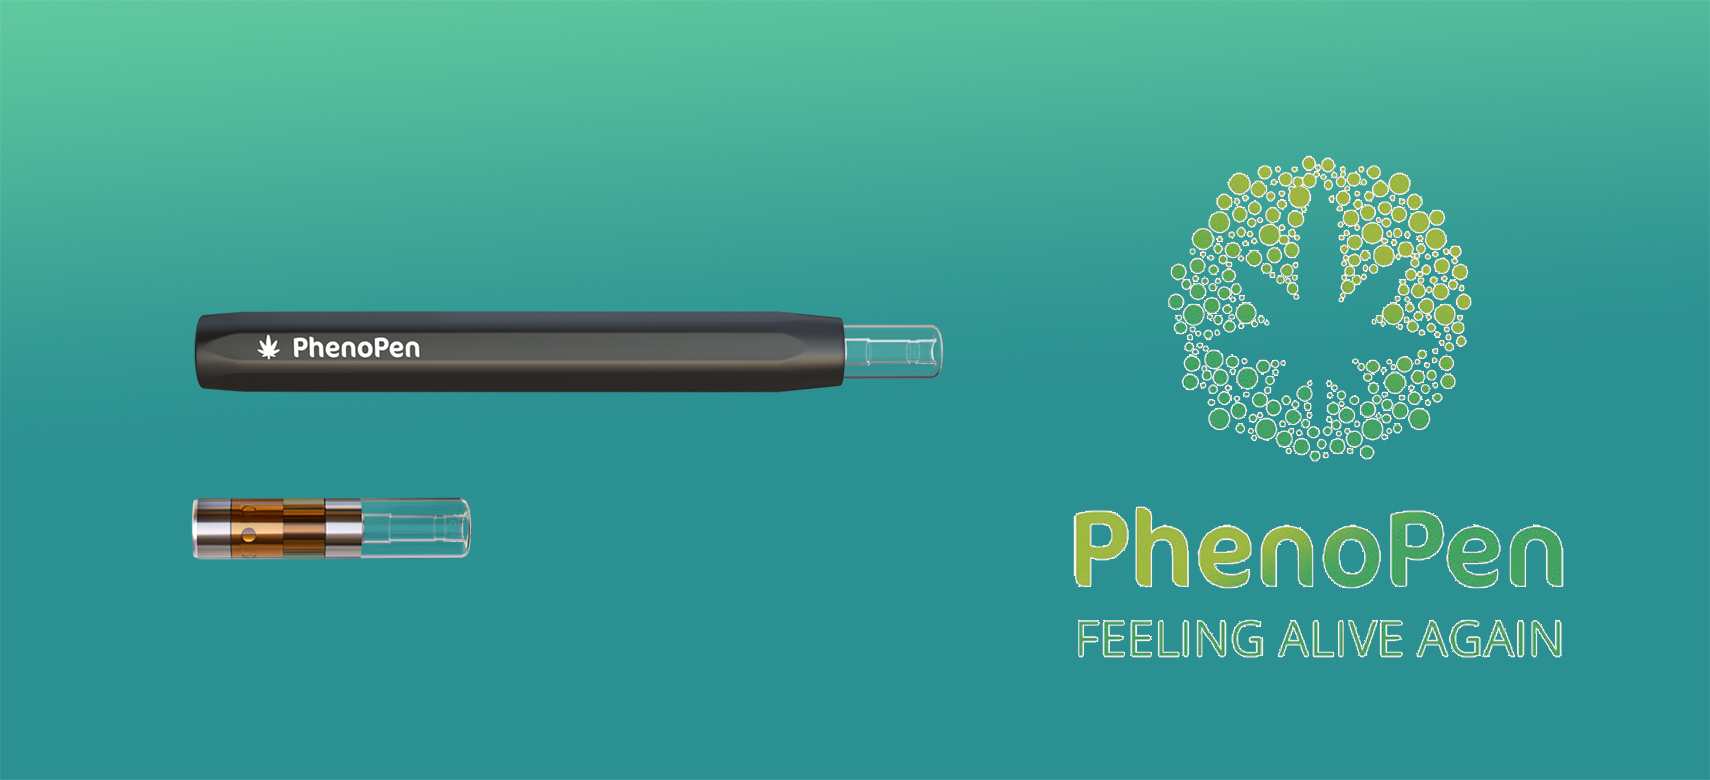 Phenopen